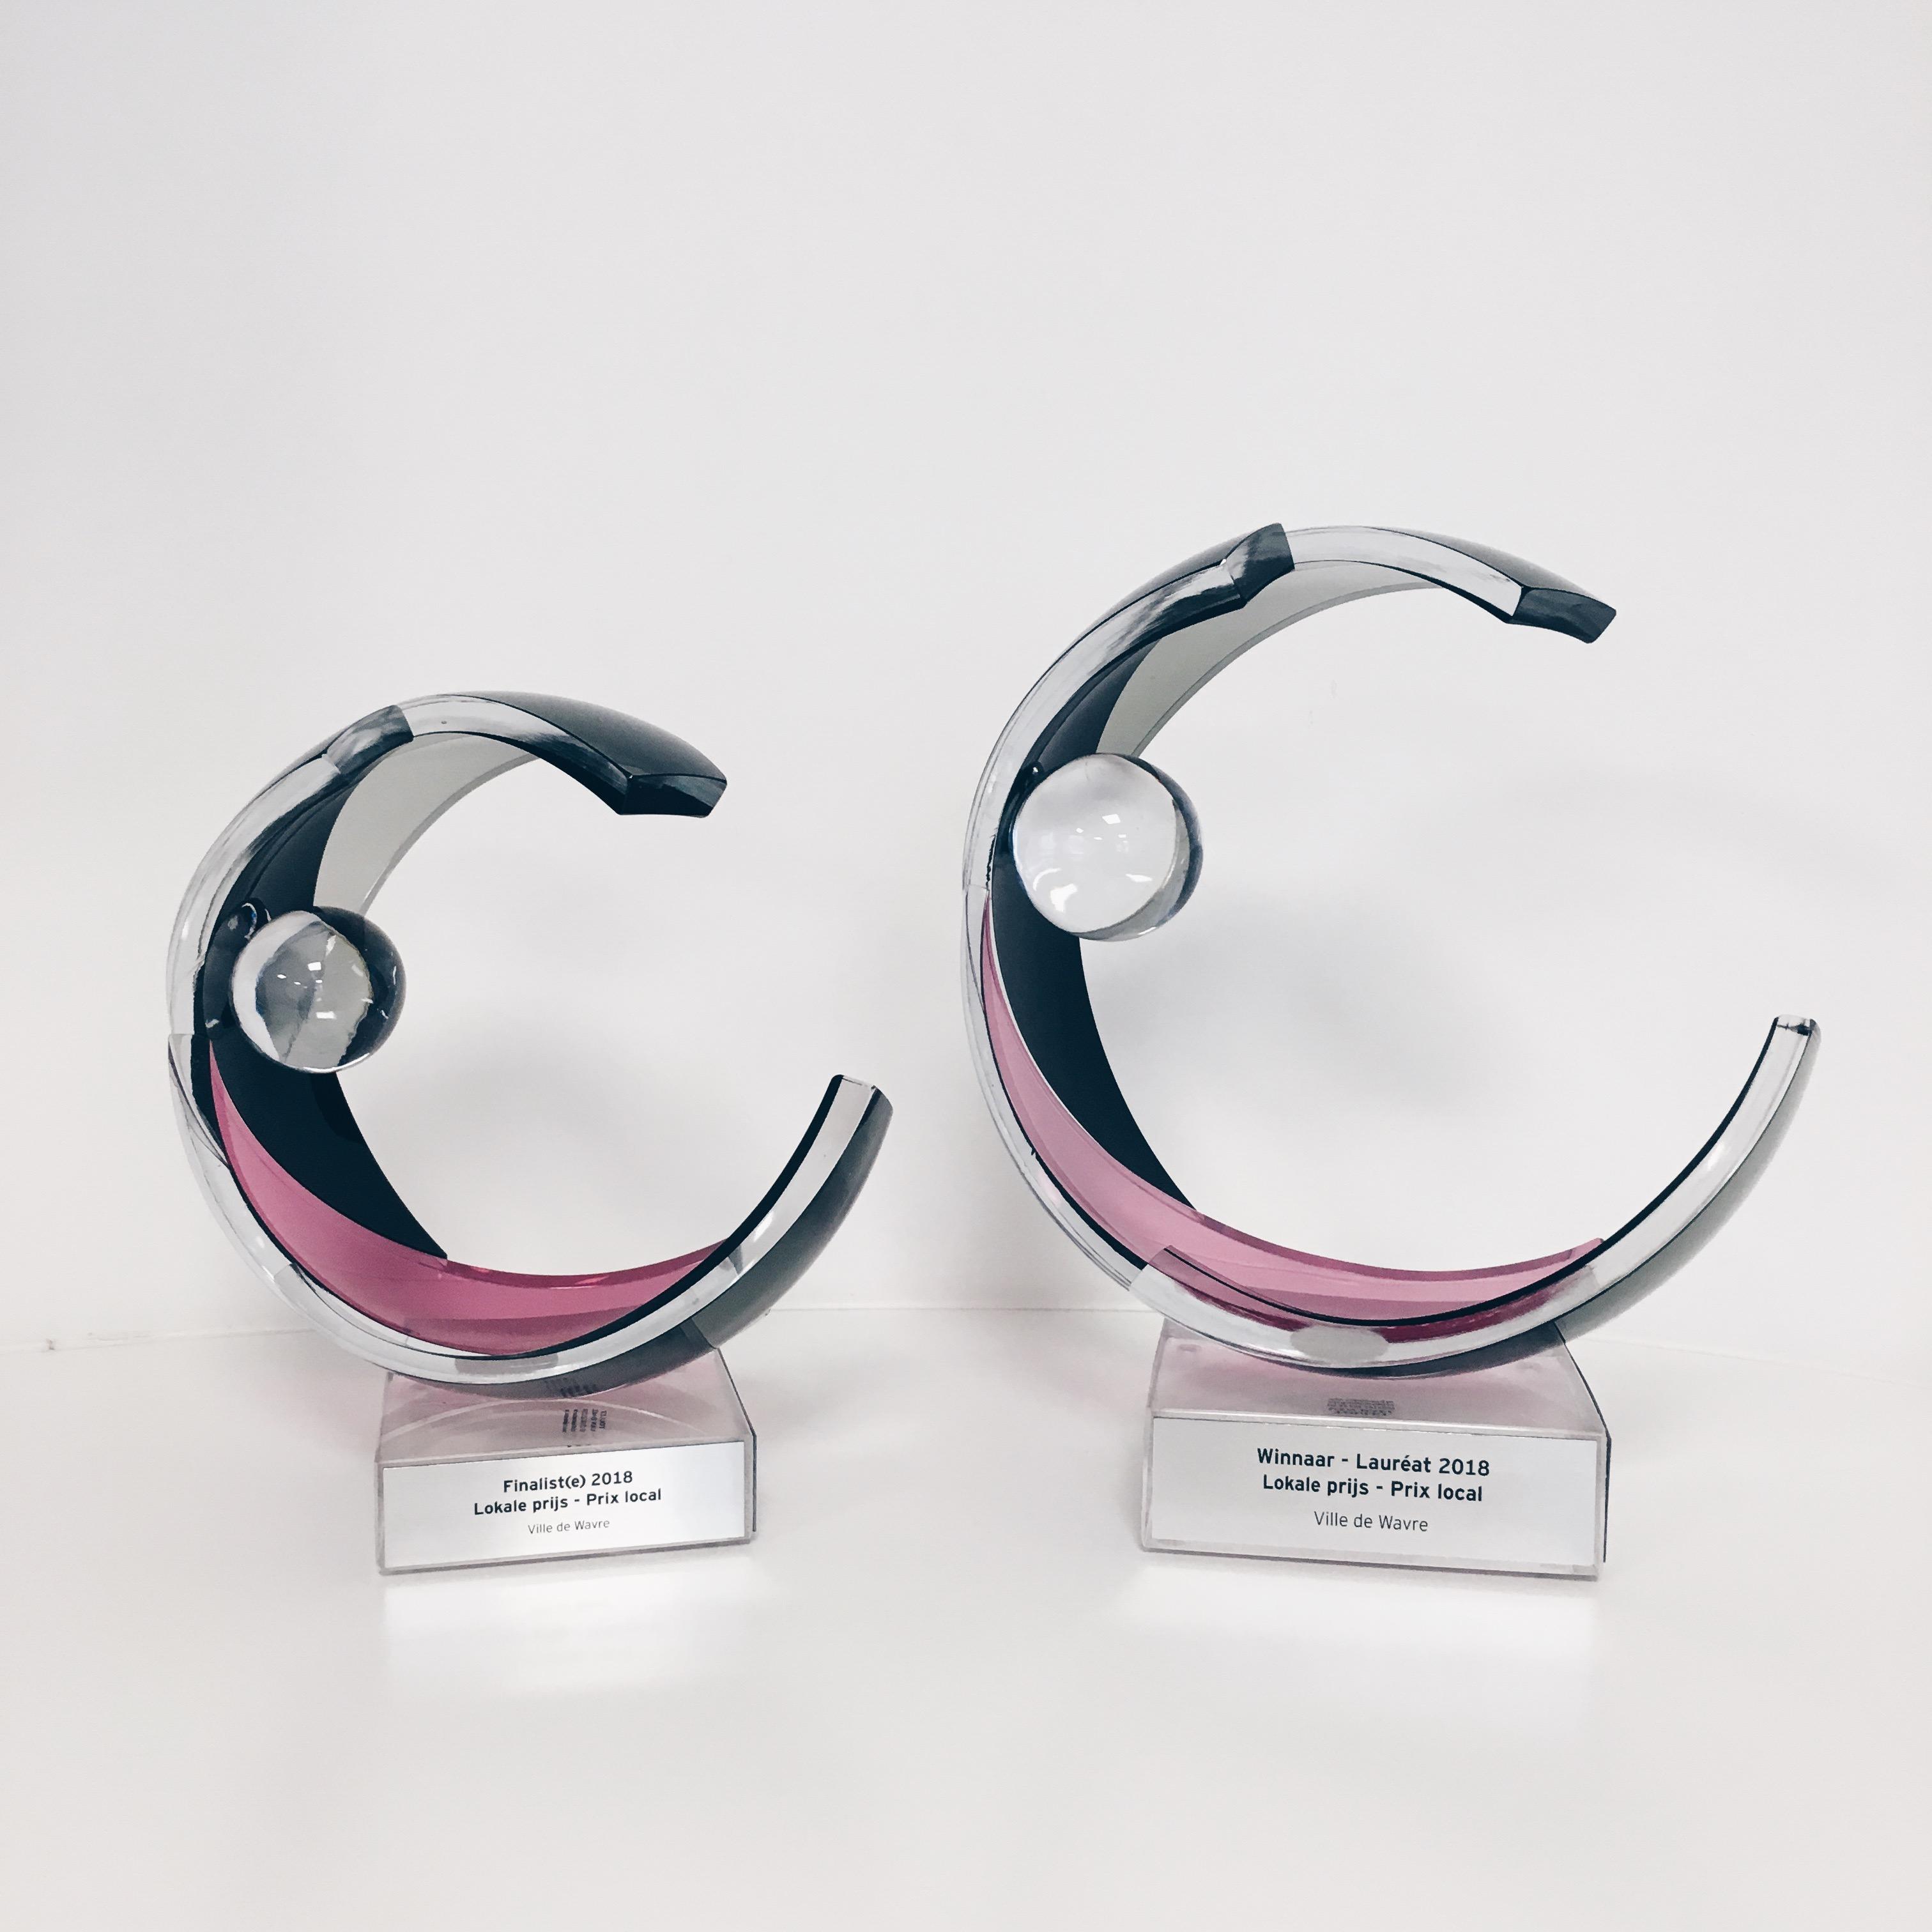 Wavre reçoit le prix de l'Organisation Publique Locale de l'Année 2018